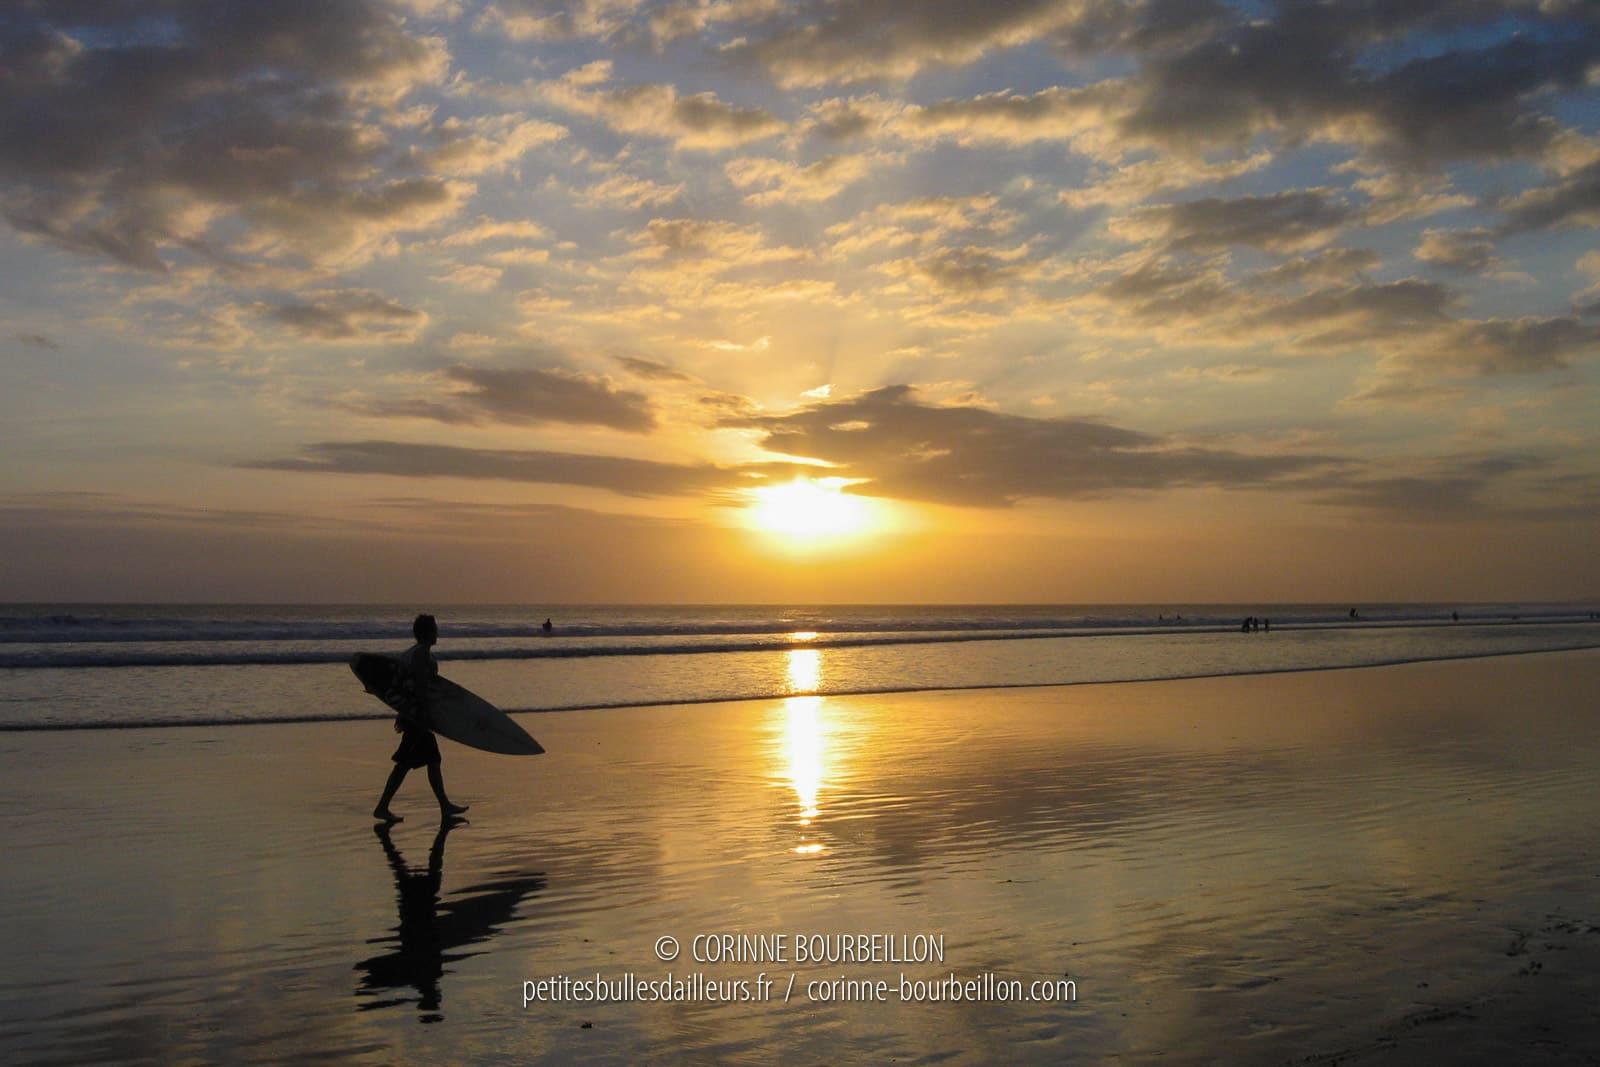 Sunset on Kuta beach. (Bali, Indonesia, July 2008)